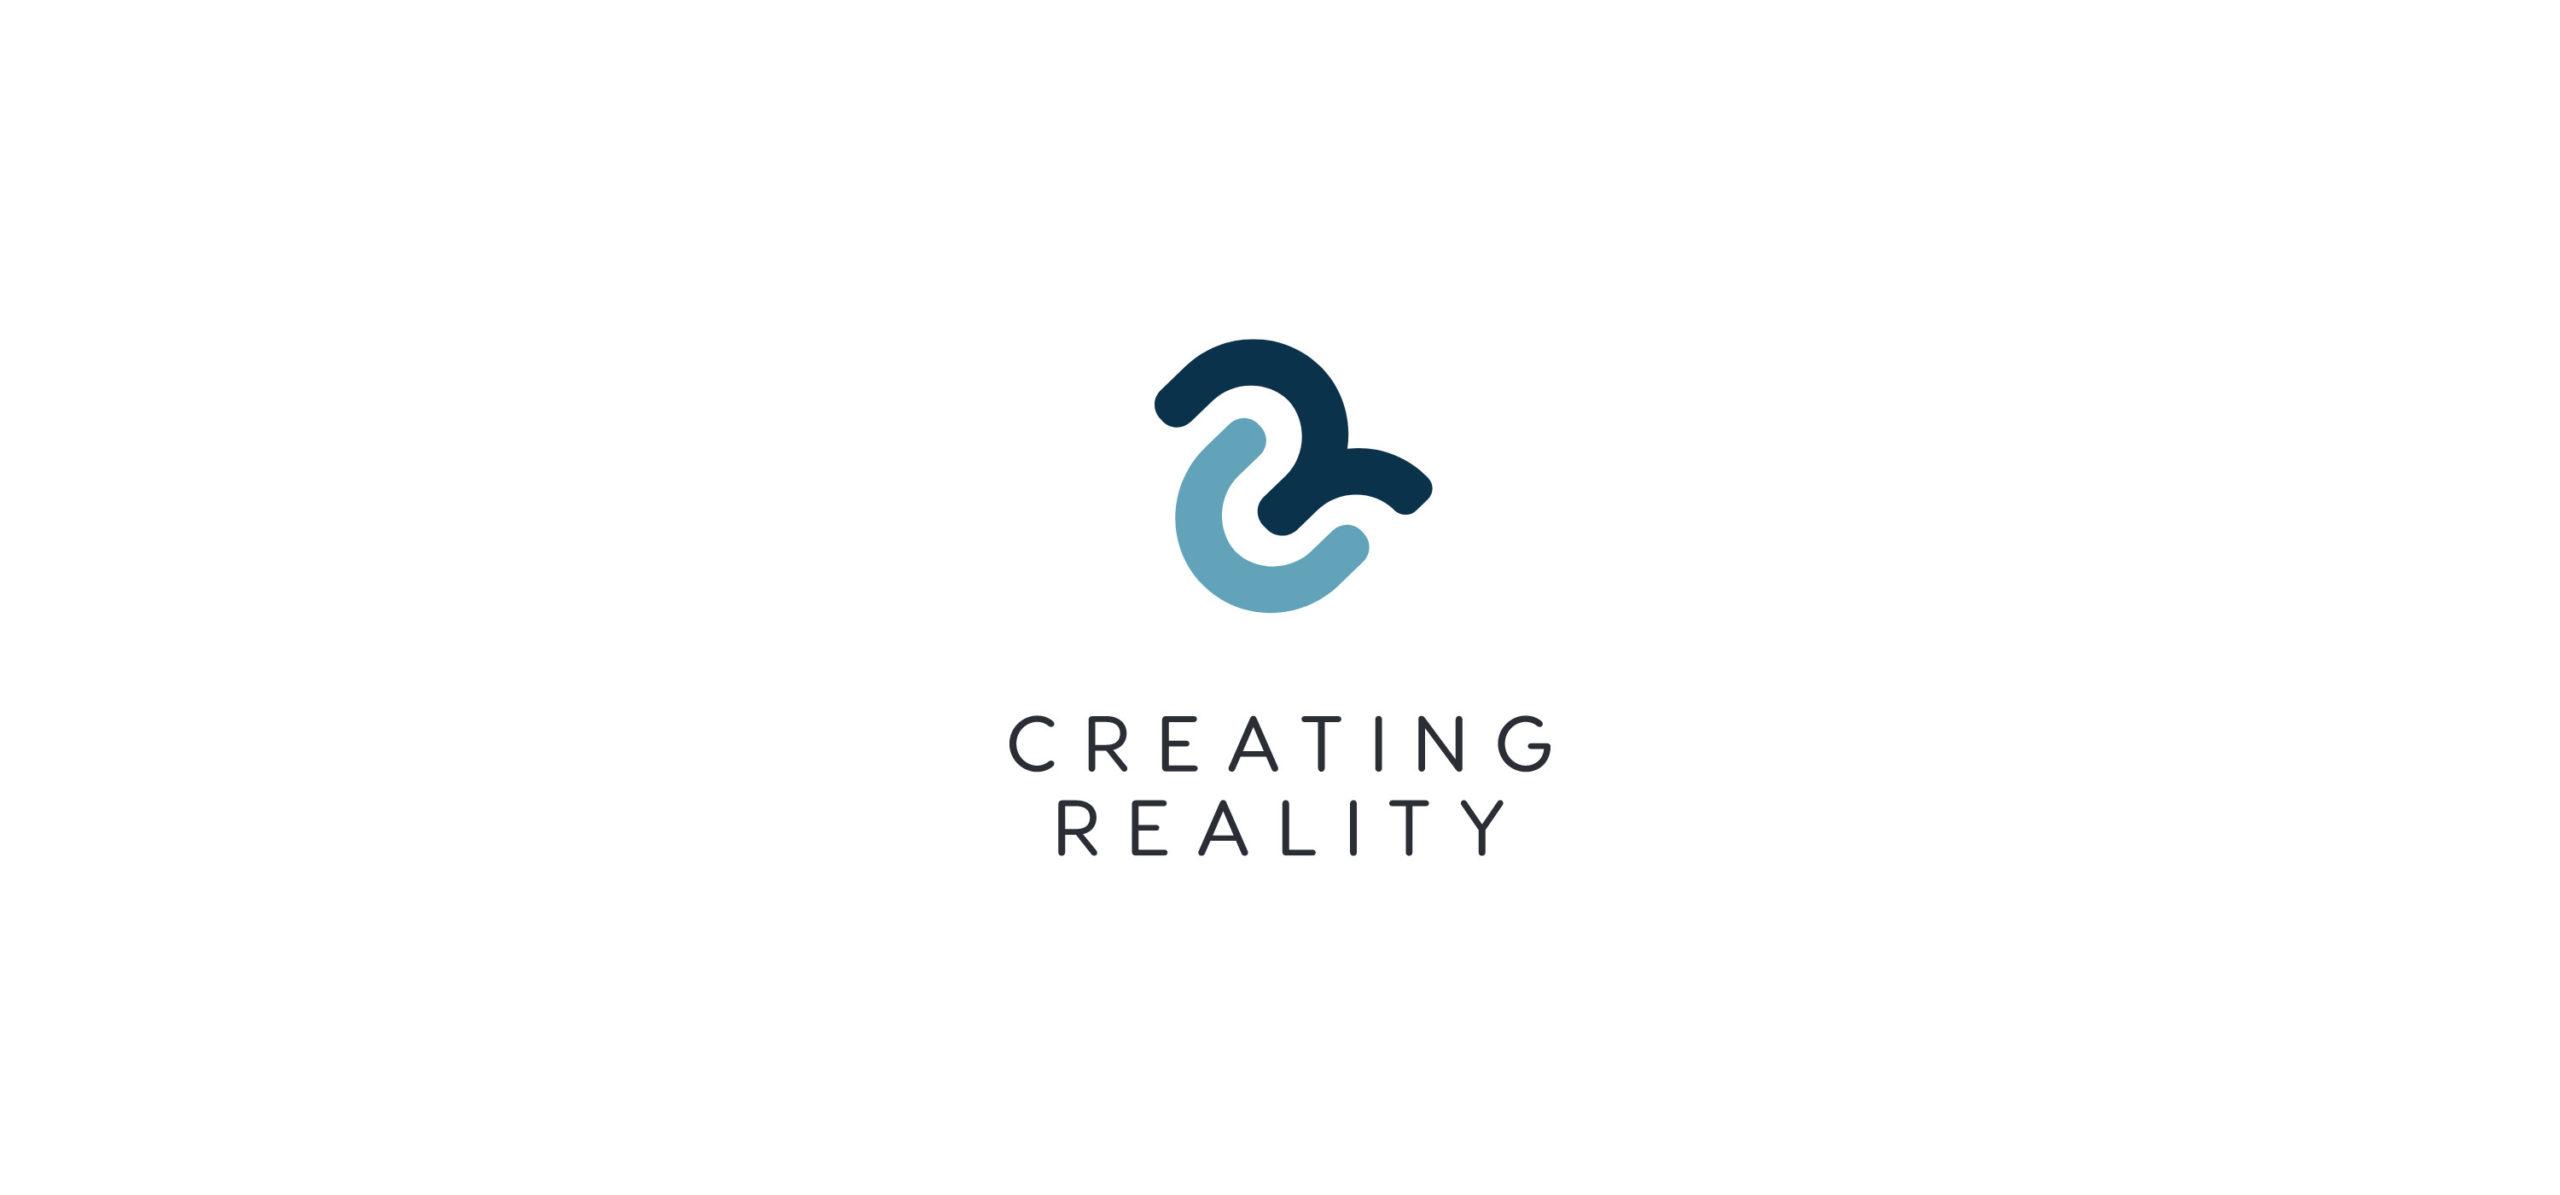 minneapolis-logo-design-branding-agency-finnandgray